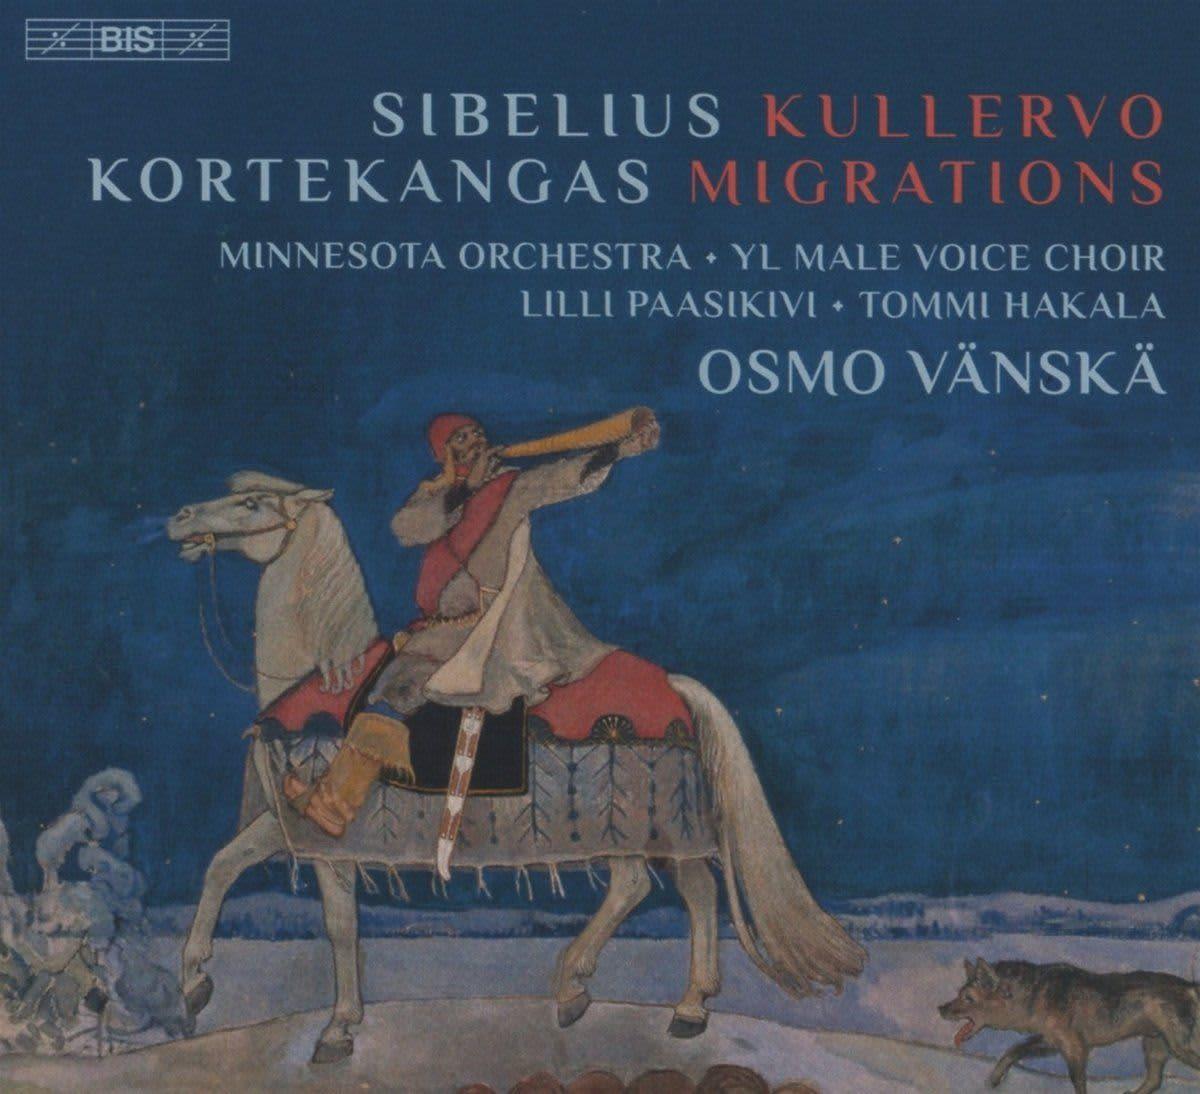 Photo No.1 of Sibelius - Kortekangas: Kullervo - Migrations